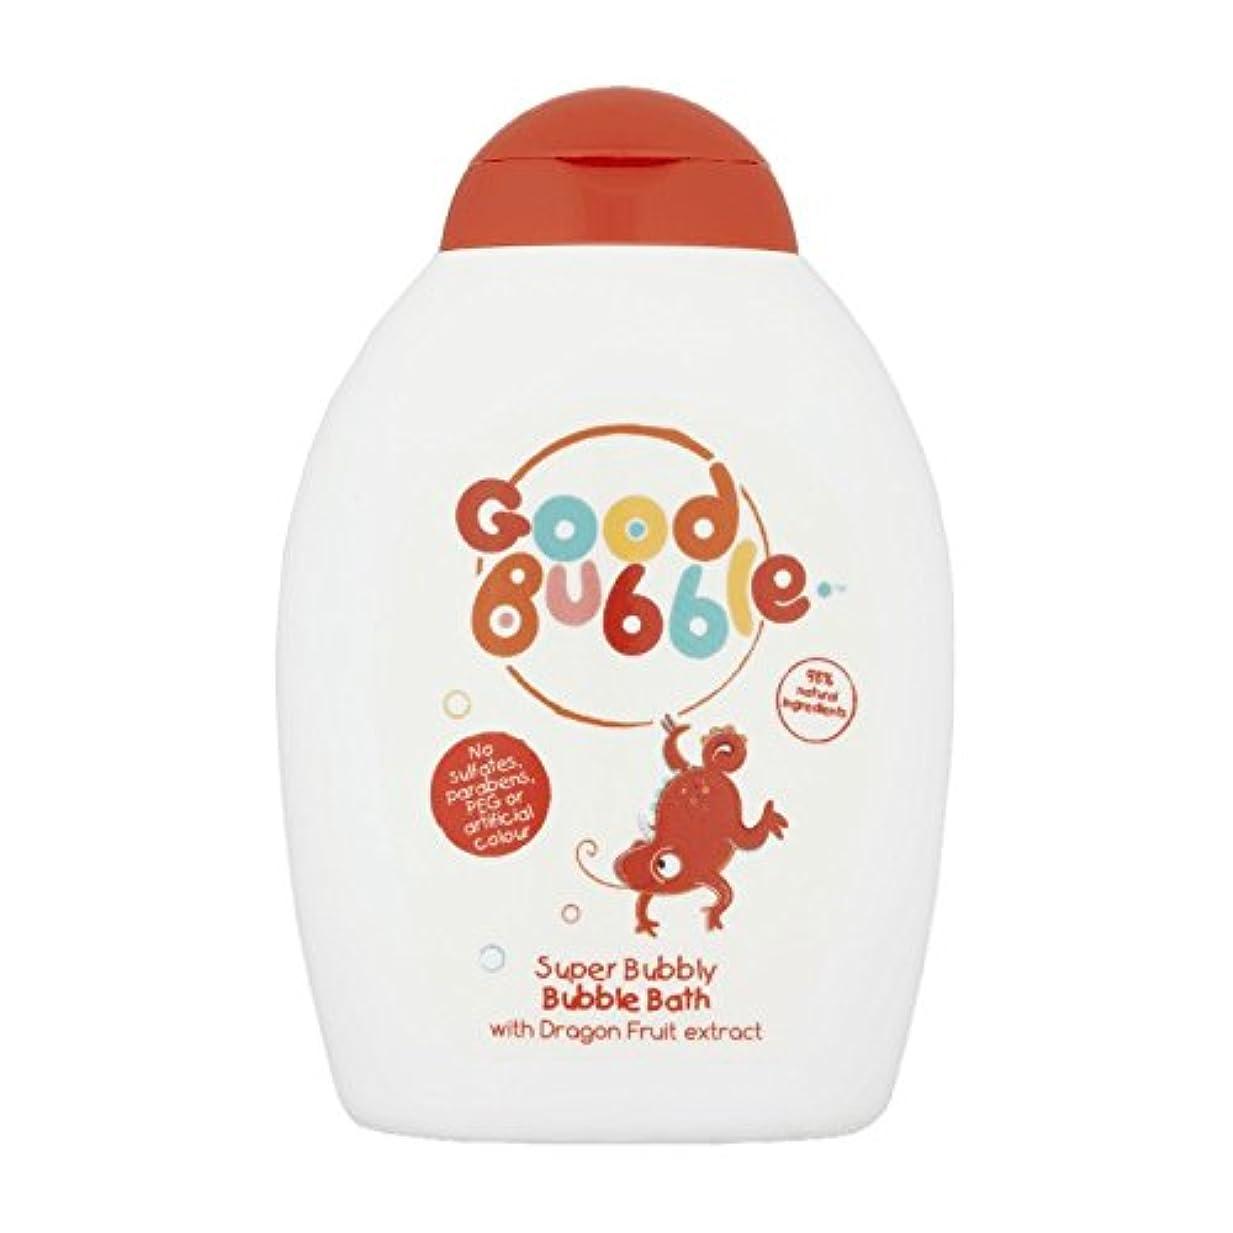 ウェーハ忙しいラブ良いバブルドラゴンフルーツバブルバス400ミリリットル - Good Bubble Dragon Fruit Bubble Bath 400ml (Good Bubble) [並行輸入品]